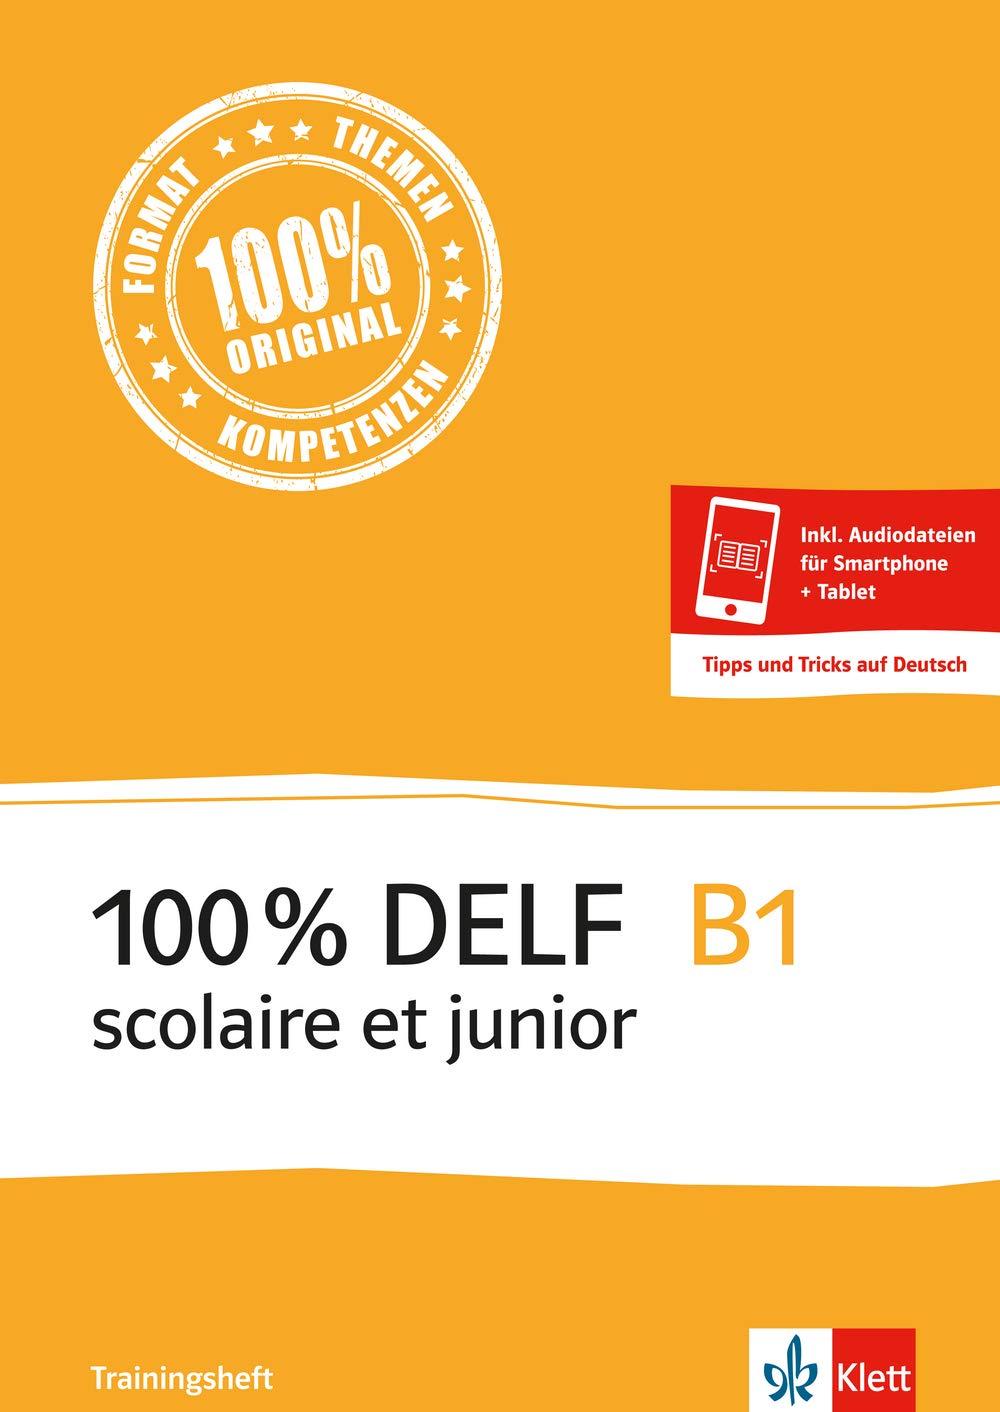 100 % DELF B1 scolaire et junior - Trainingsheft: zur Vorbereitung auf die DELF-Prüfung: préparation DELF. Buch + Klett-Augmented